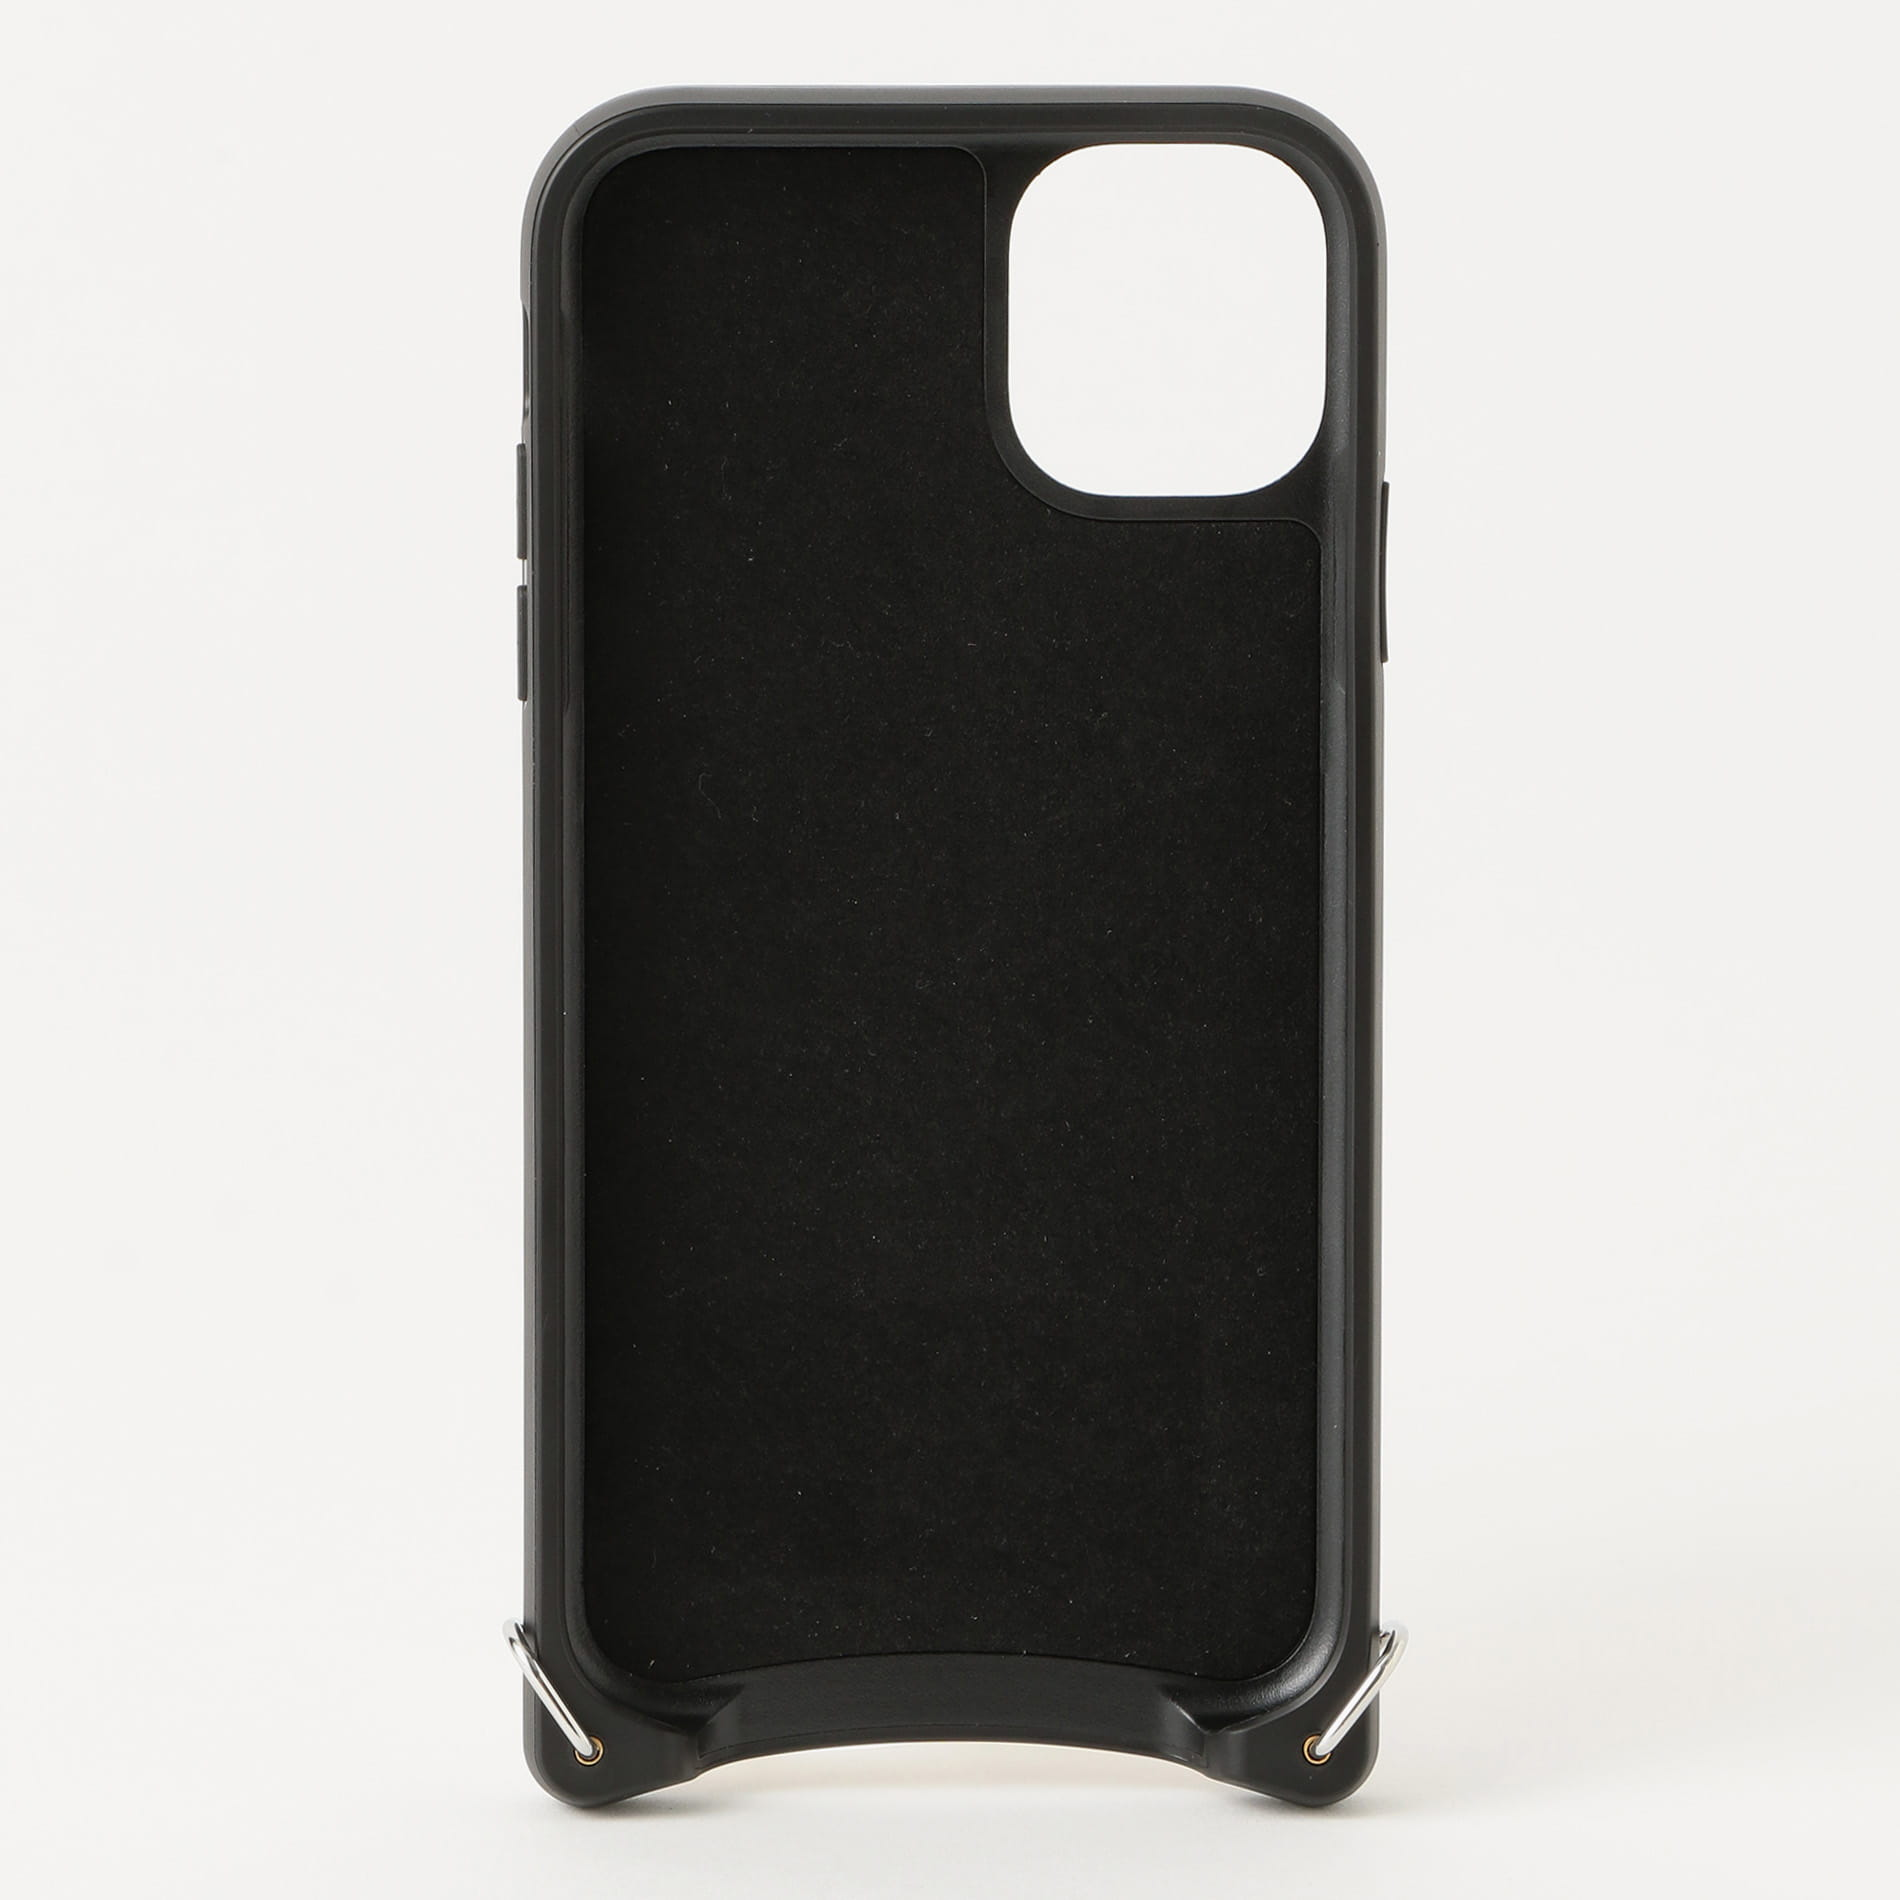 【BANDOLIER】DONNA SIDE SLOT PINK iPhone 11 bdl05-14don-pnk-11